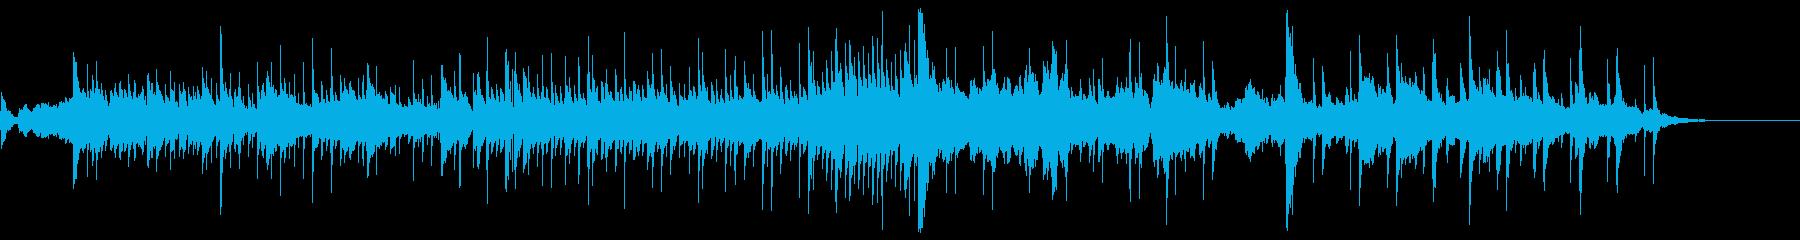 全体的に美しいバランスの曲調の再生済みの波形